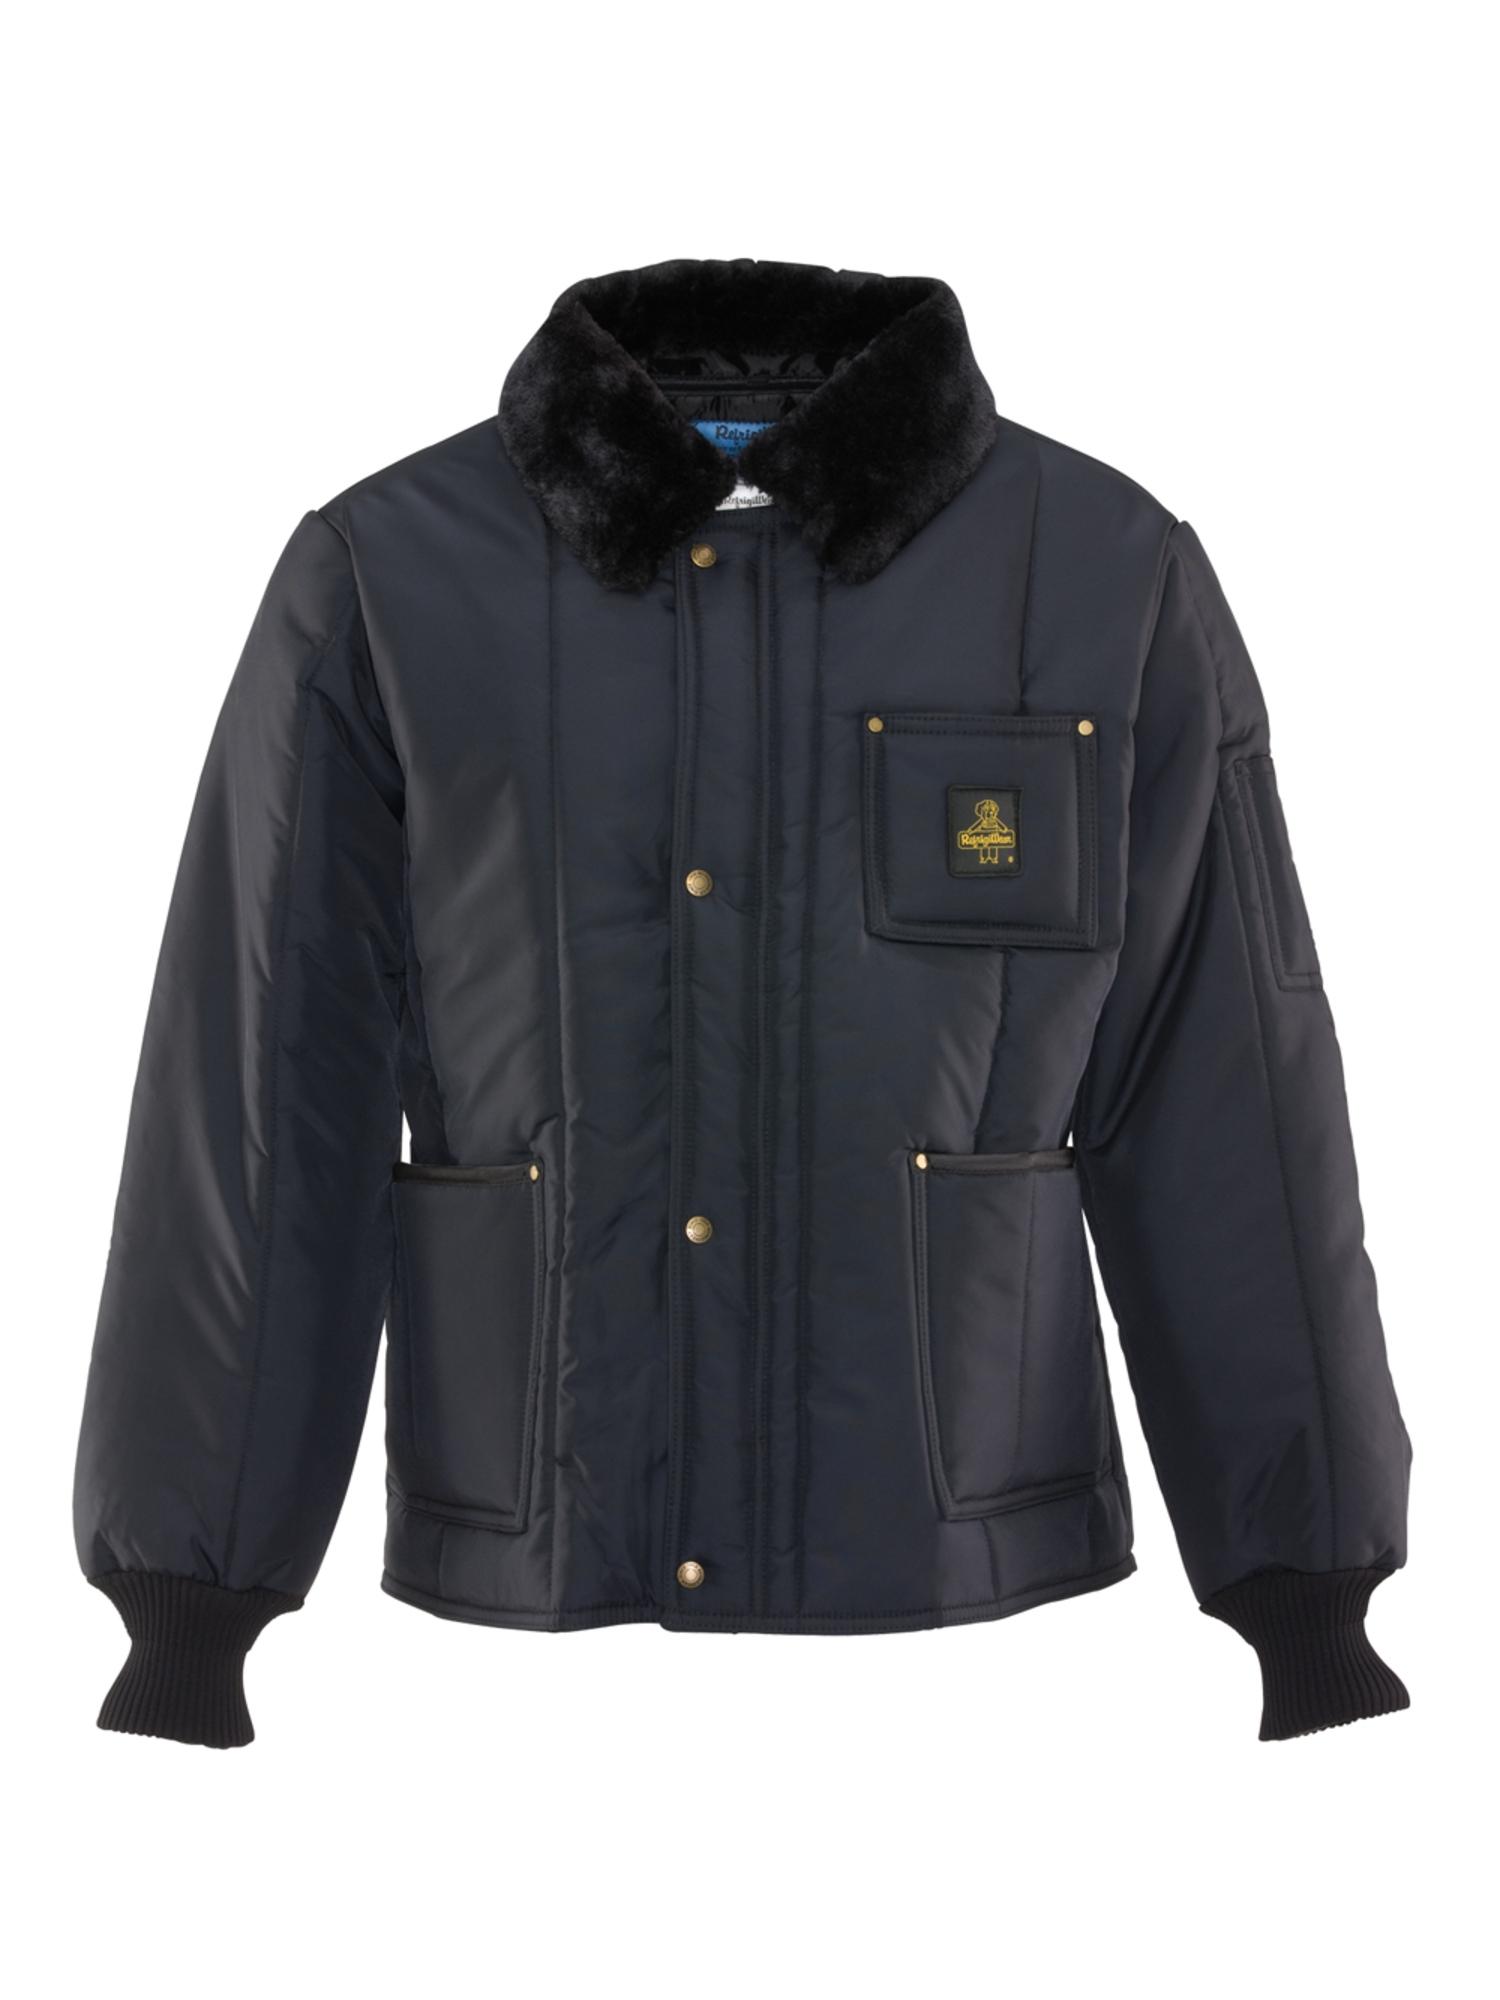 iron tuff polar jacket 0322 Front View